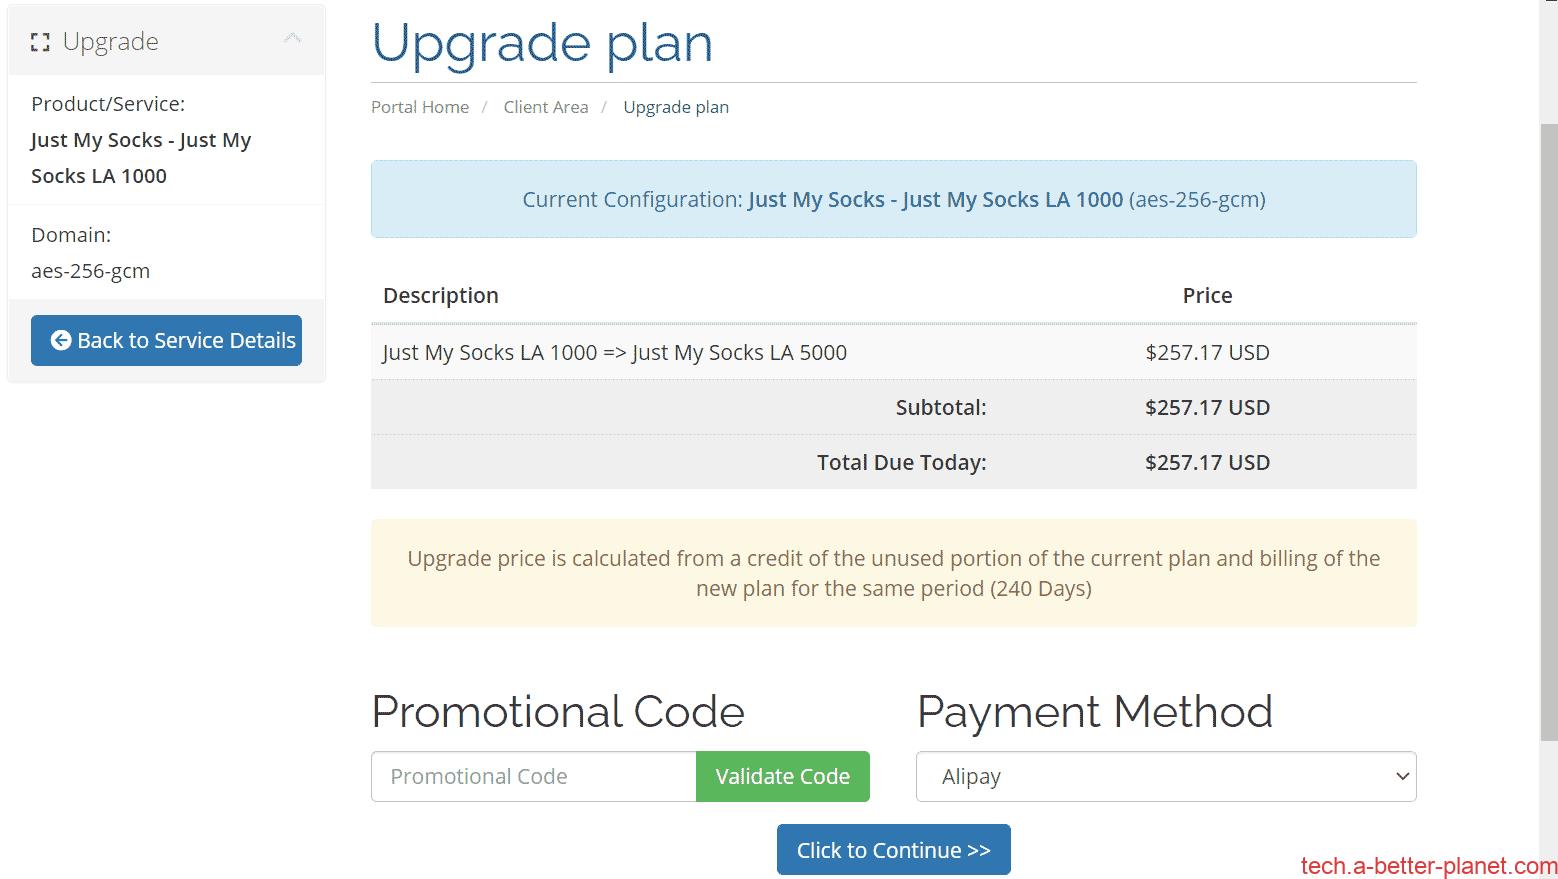 Upgrade-plan-pay-JustMySocks套餐升级